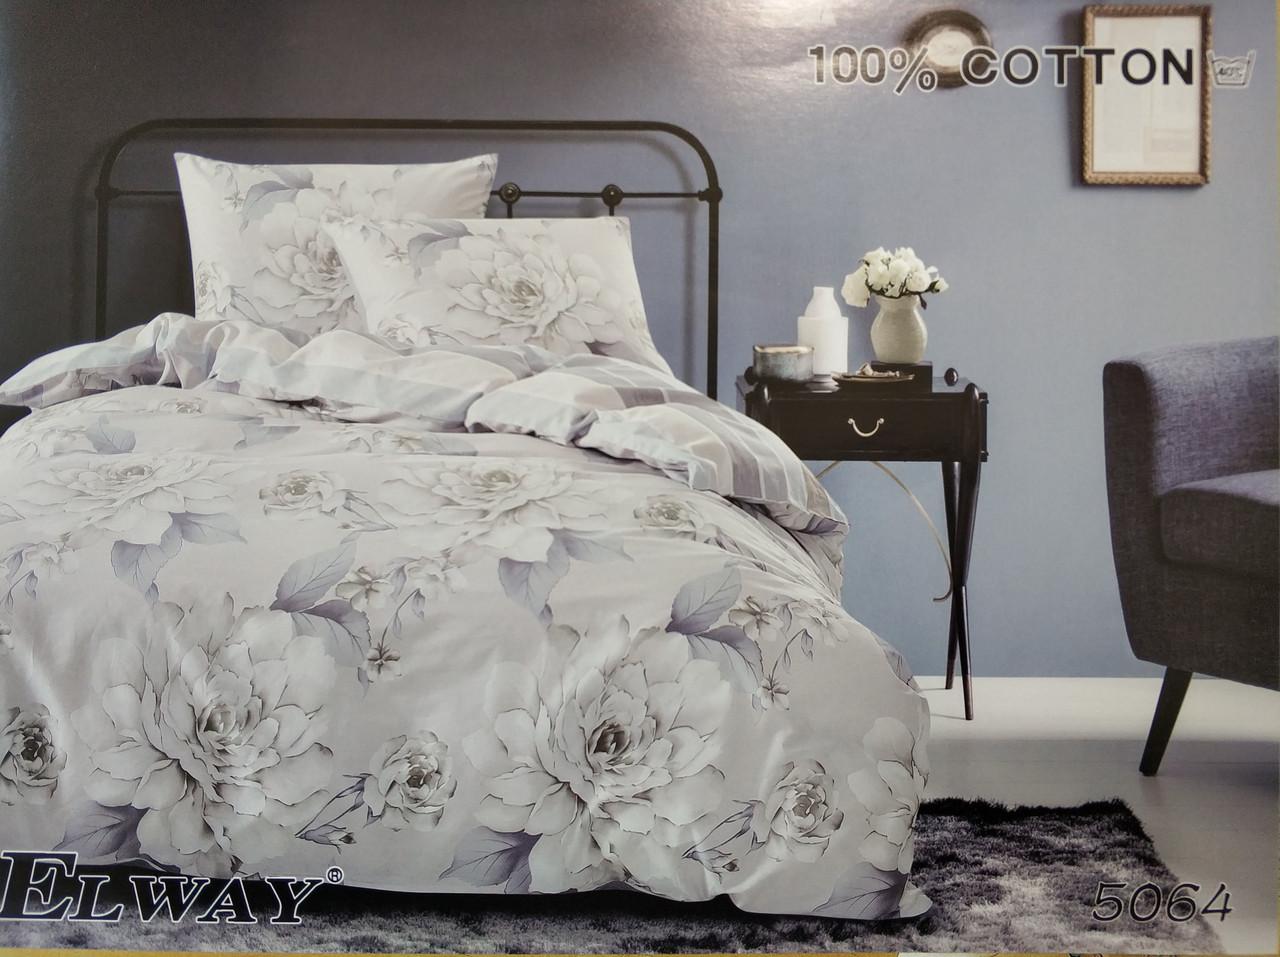 Сатиновое постельное белье семейное ELWAY 5064 «Розы»